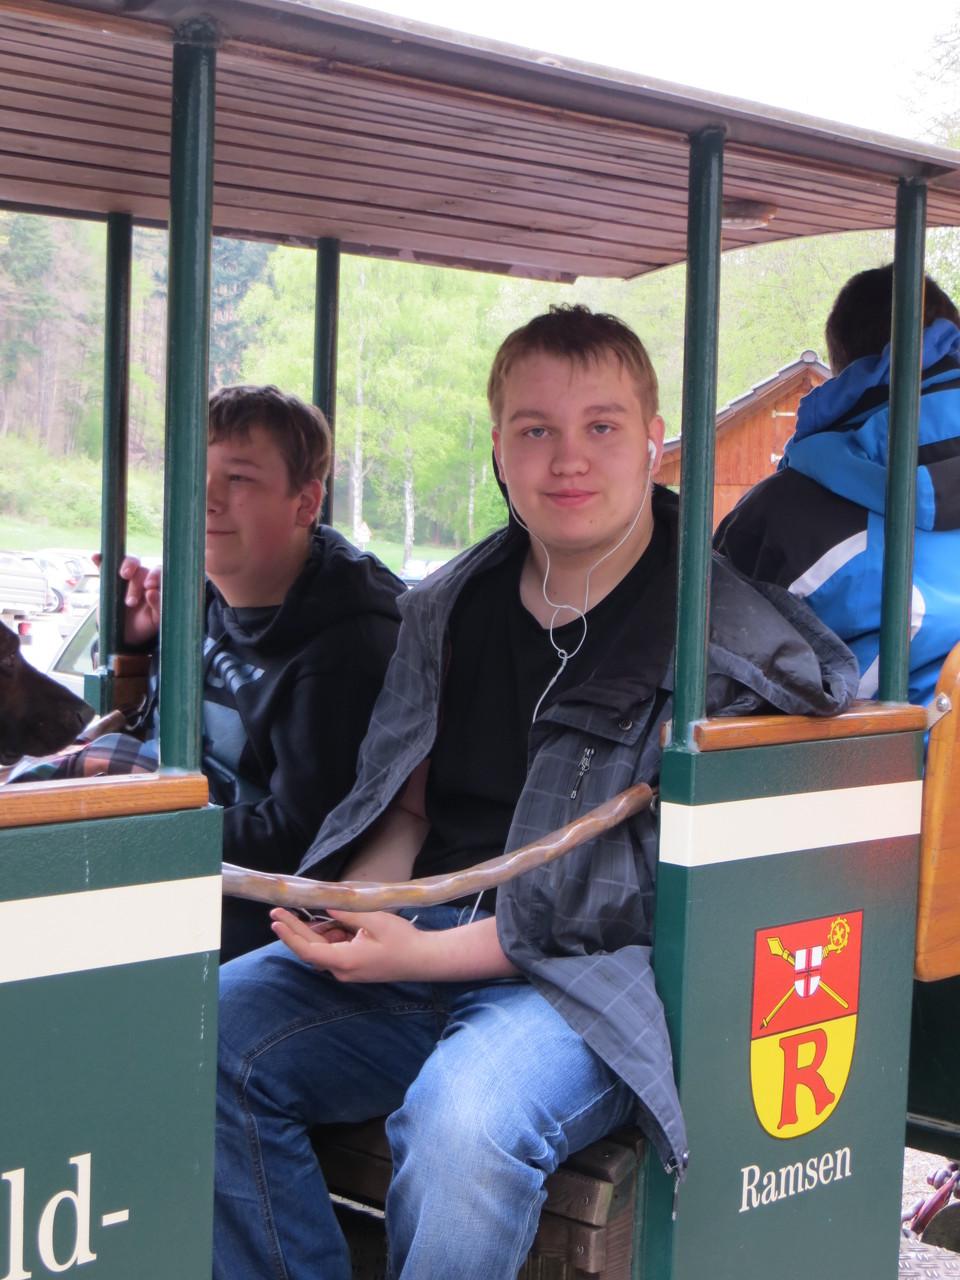 Die Junioren Jannik und Mario in der Stumpfwaldbahn